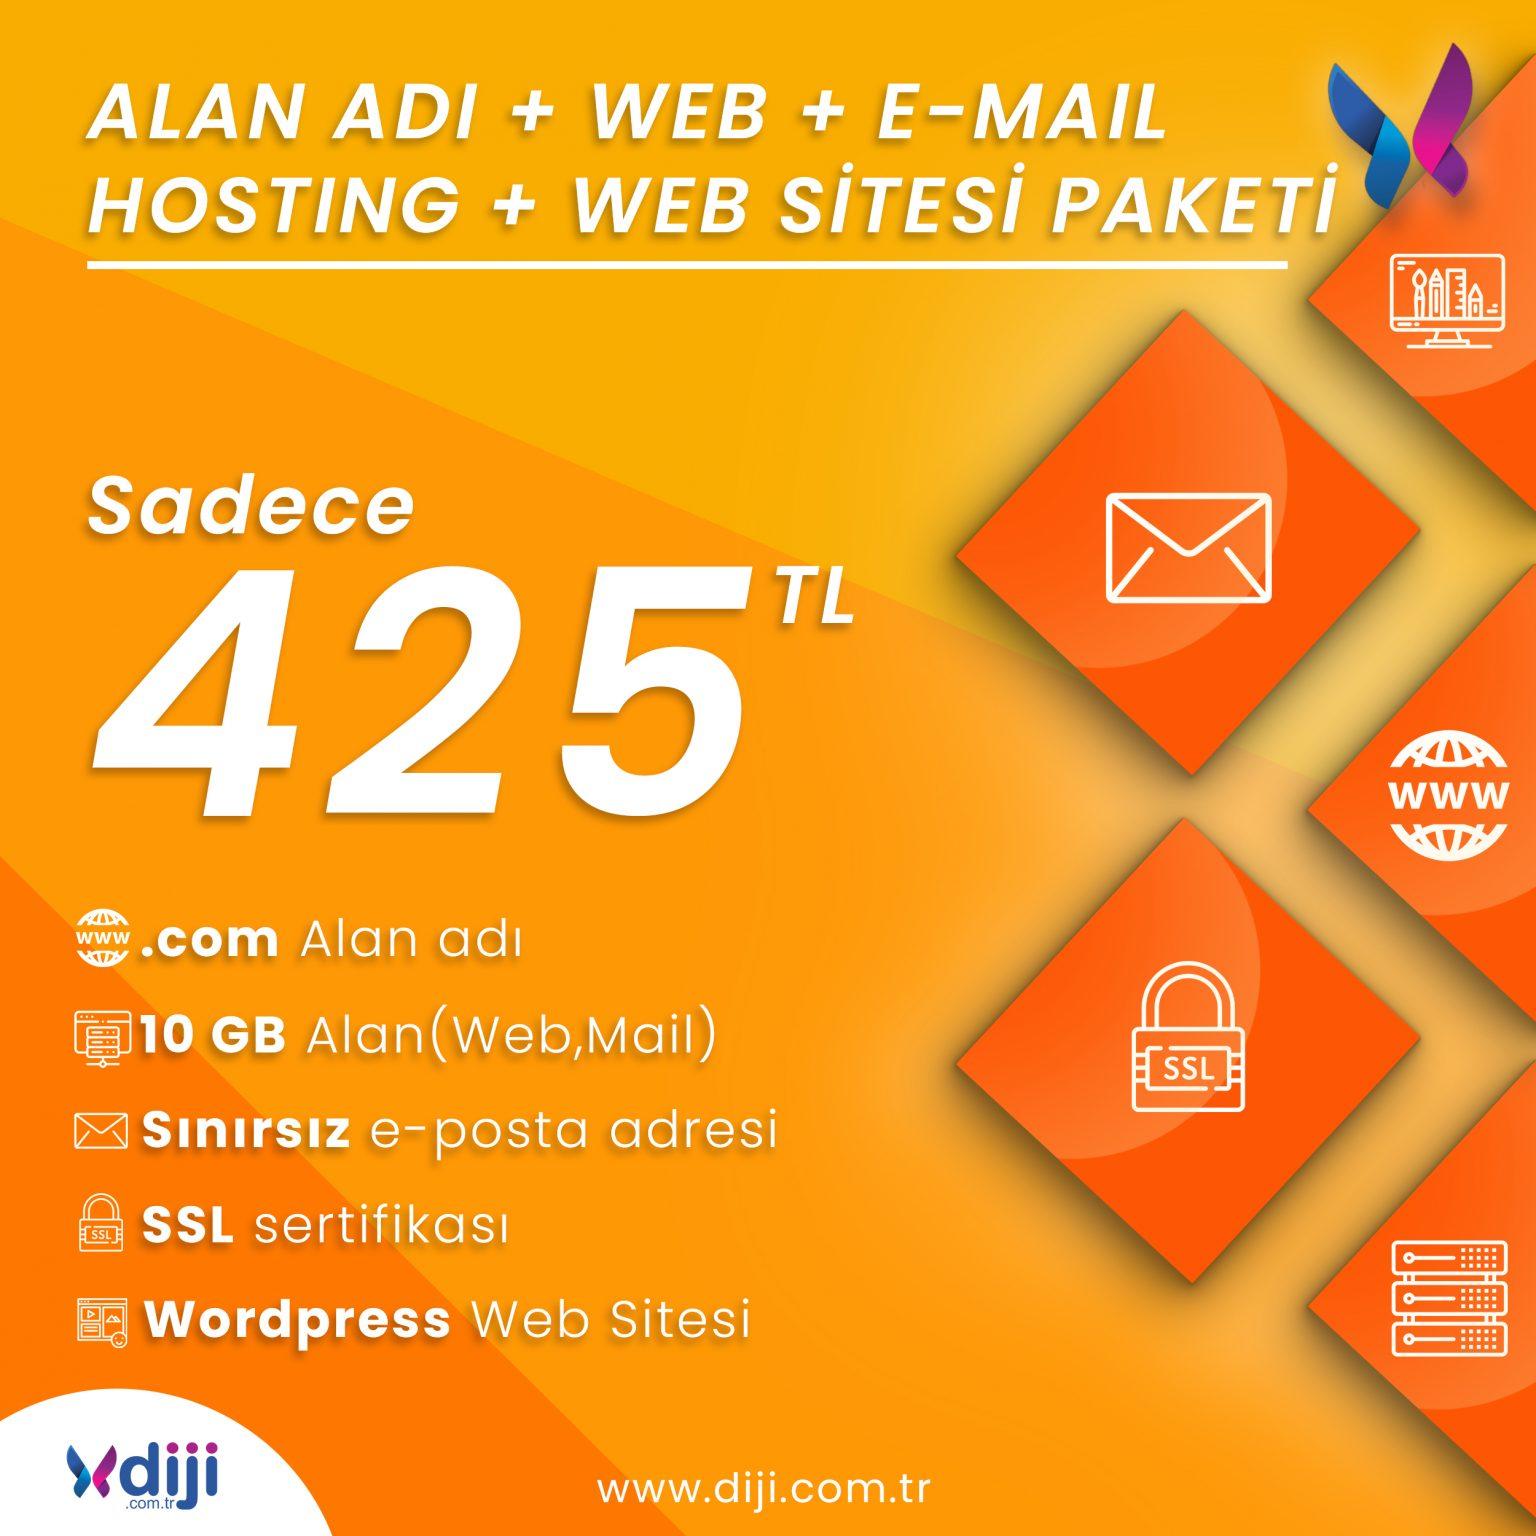 Diji'de Buluşalım : Alan Adı, Web, E-Mail Hosting, Web Sitesi